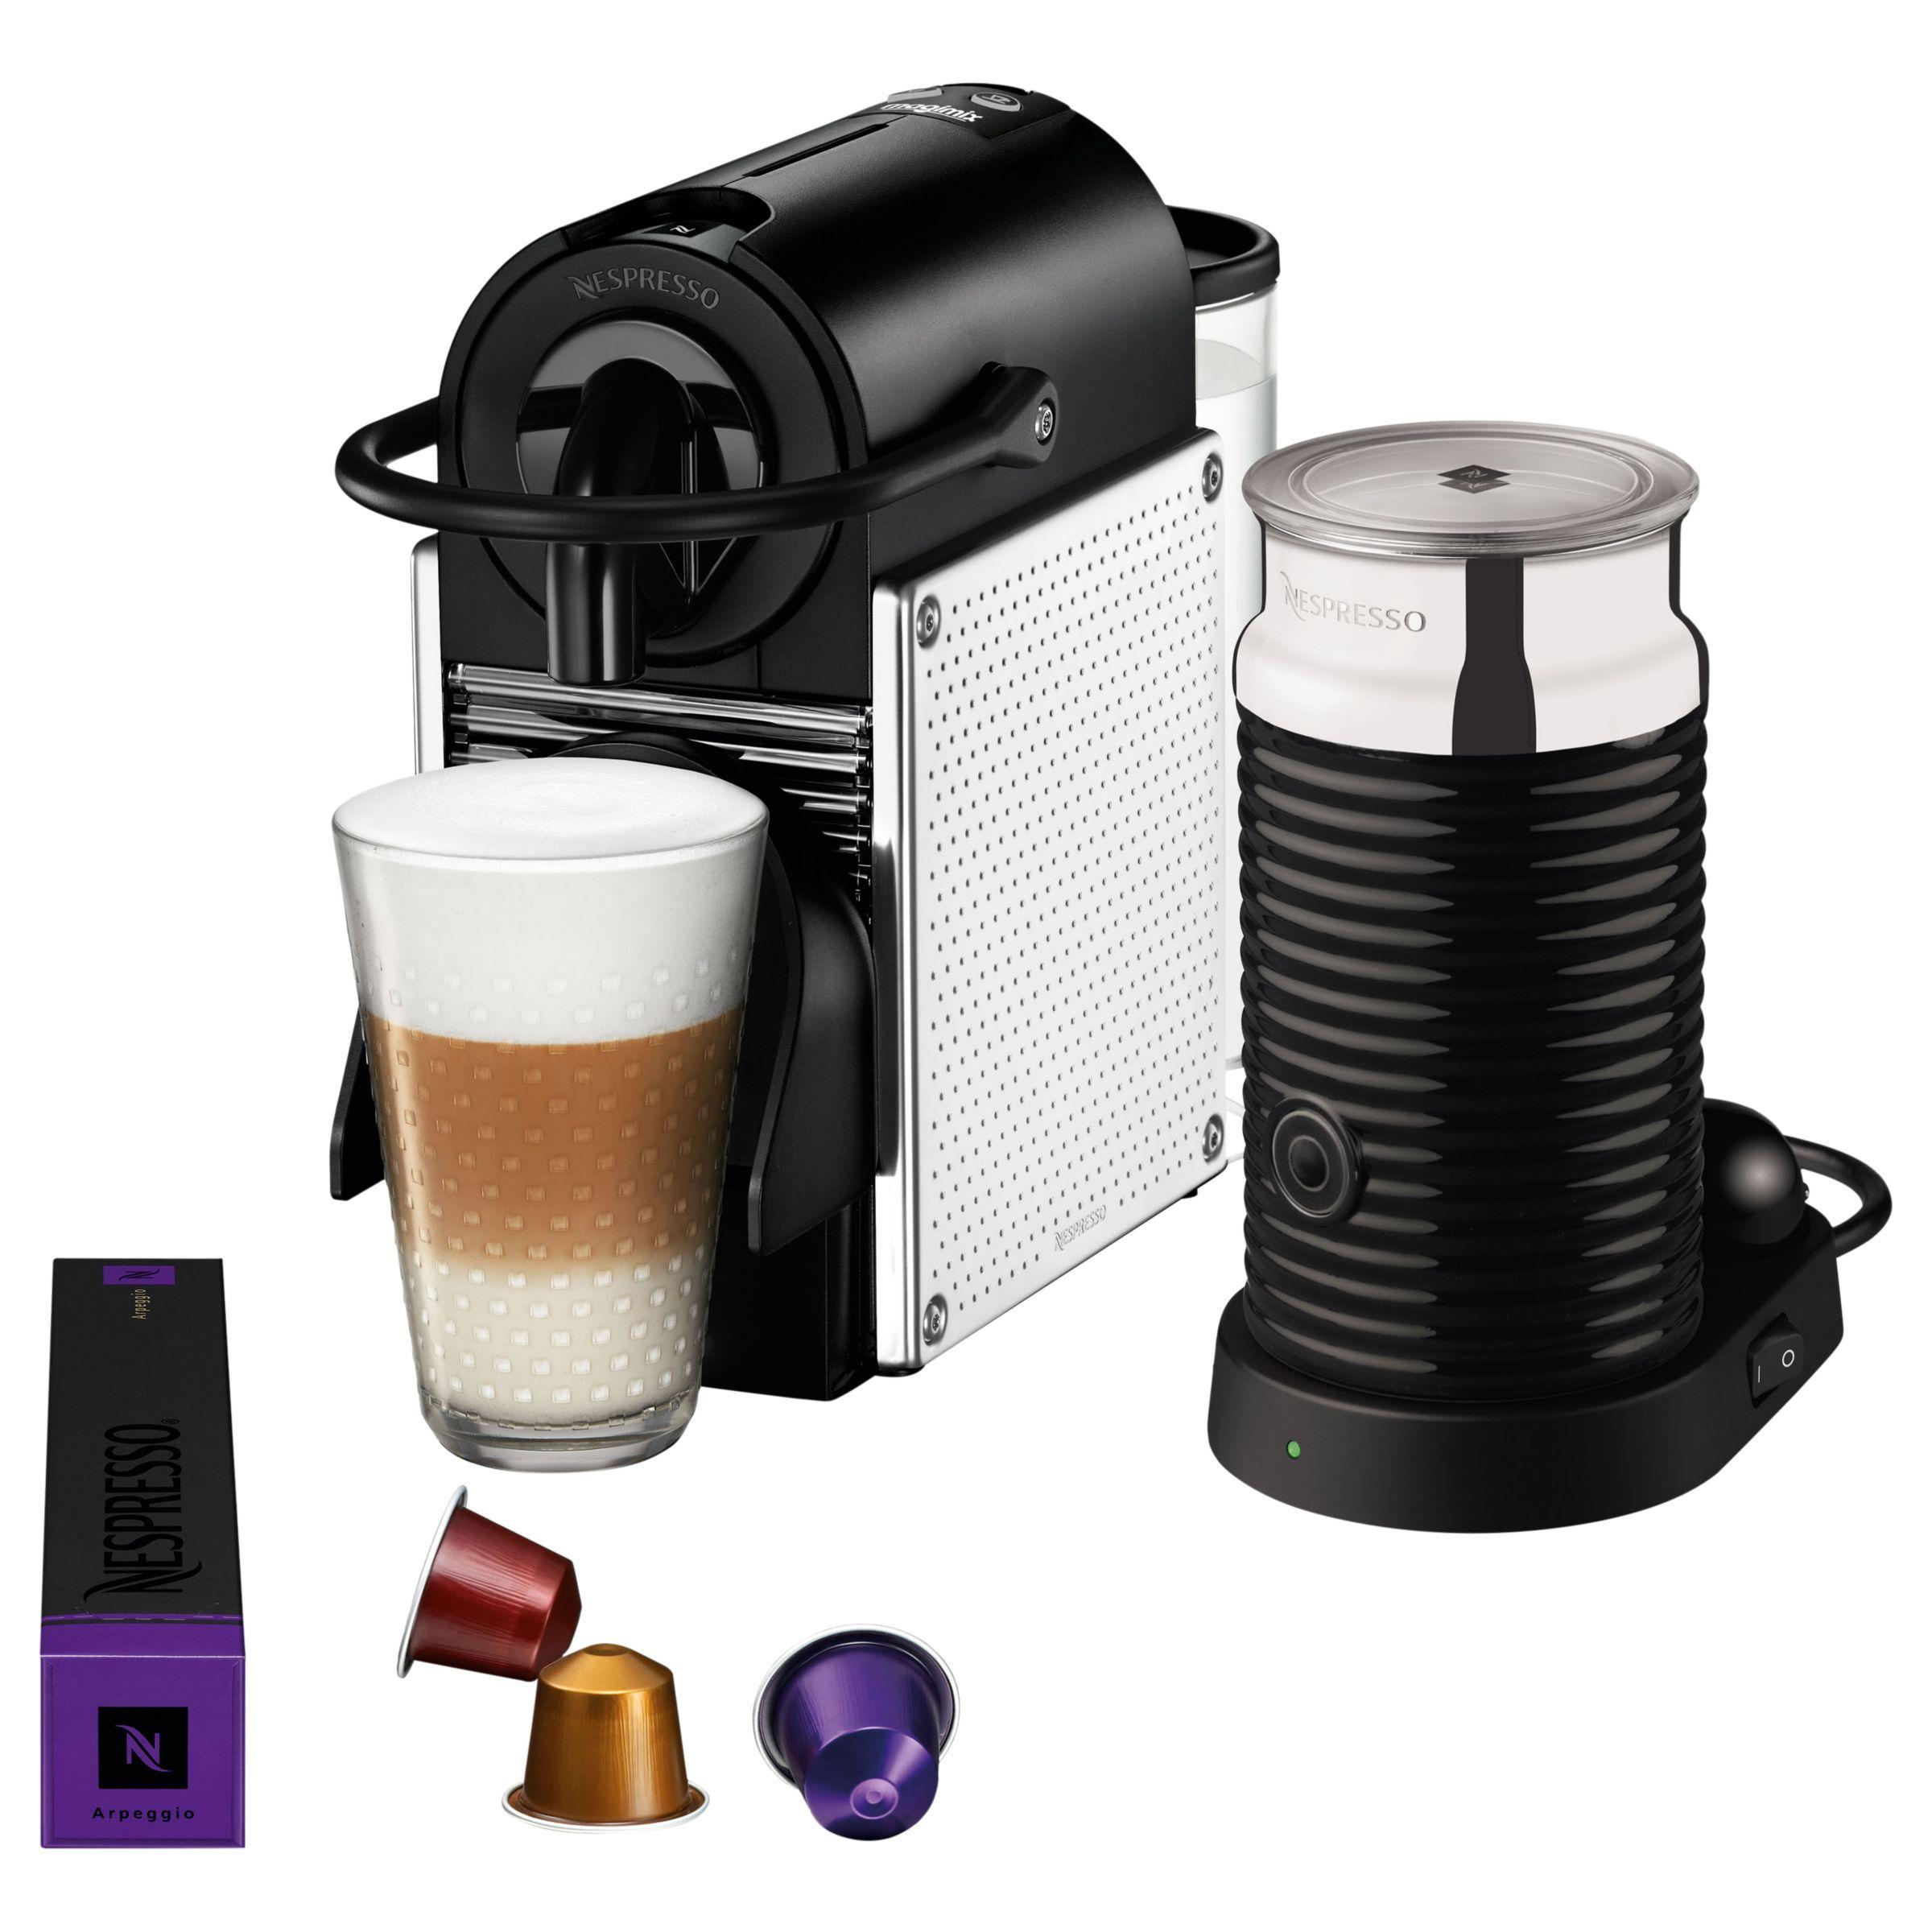 Nespresso Pixie Coffee Machine with Aeroccino by Magimix